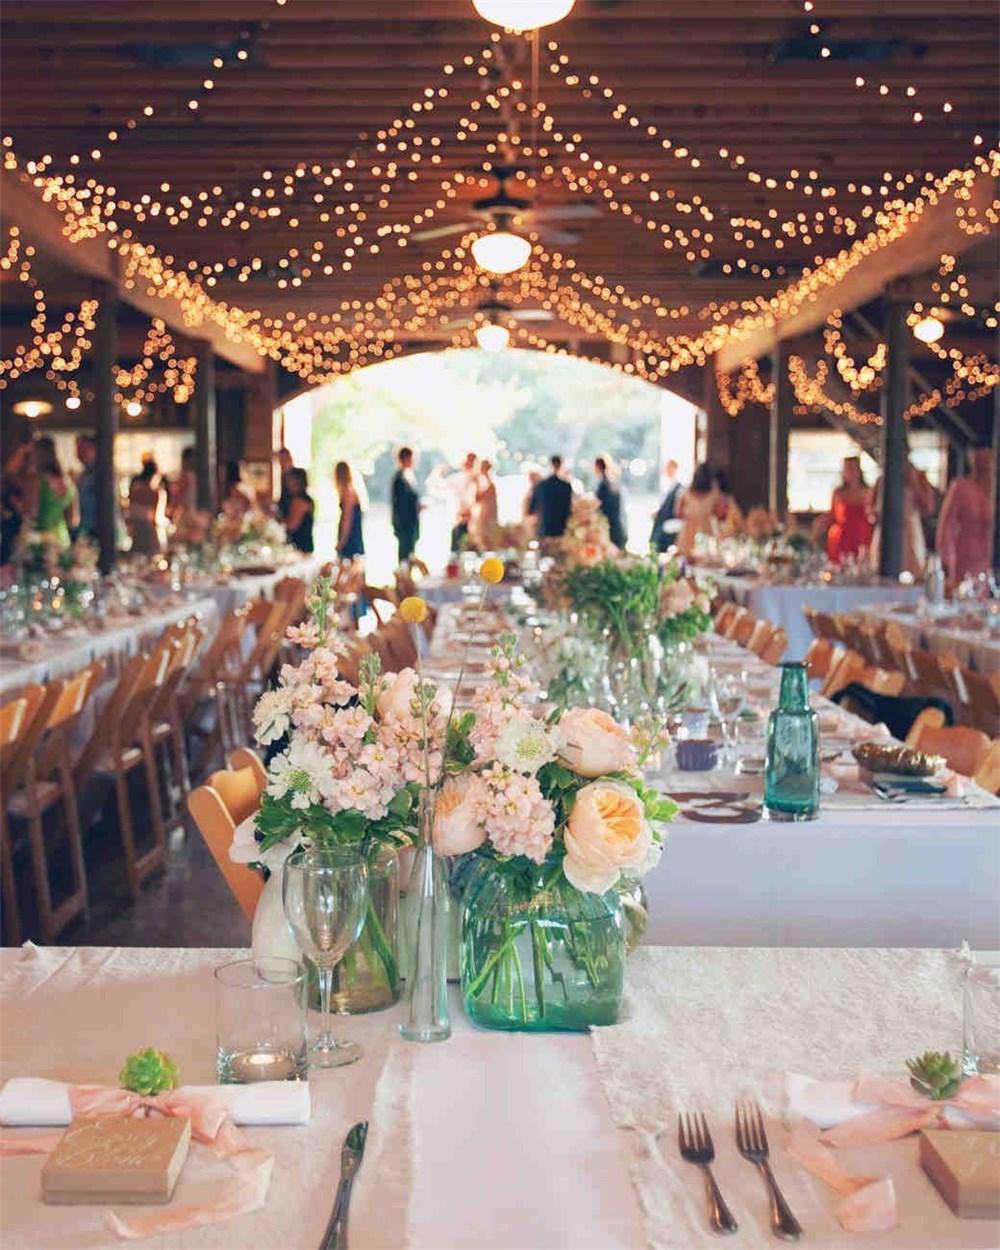 Những chủ đề đám cưới độc đáo dành cho mọi đám cưới